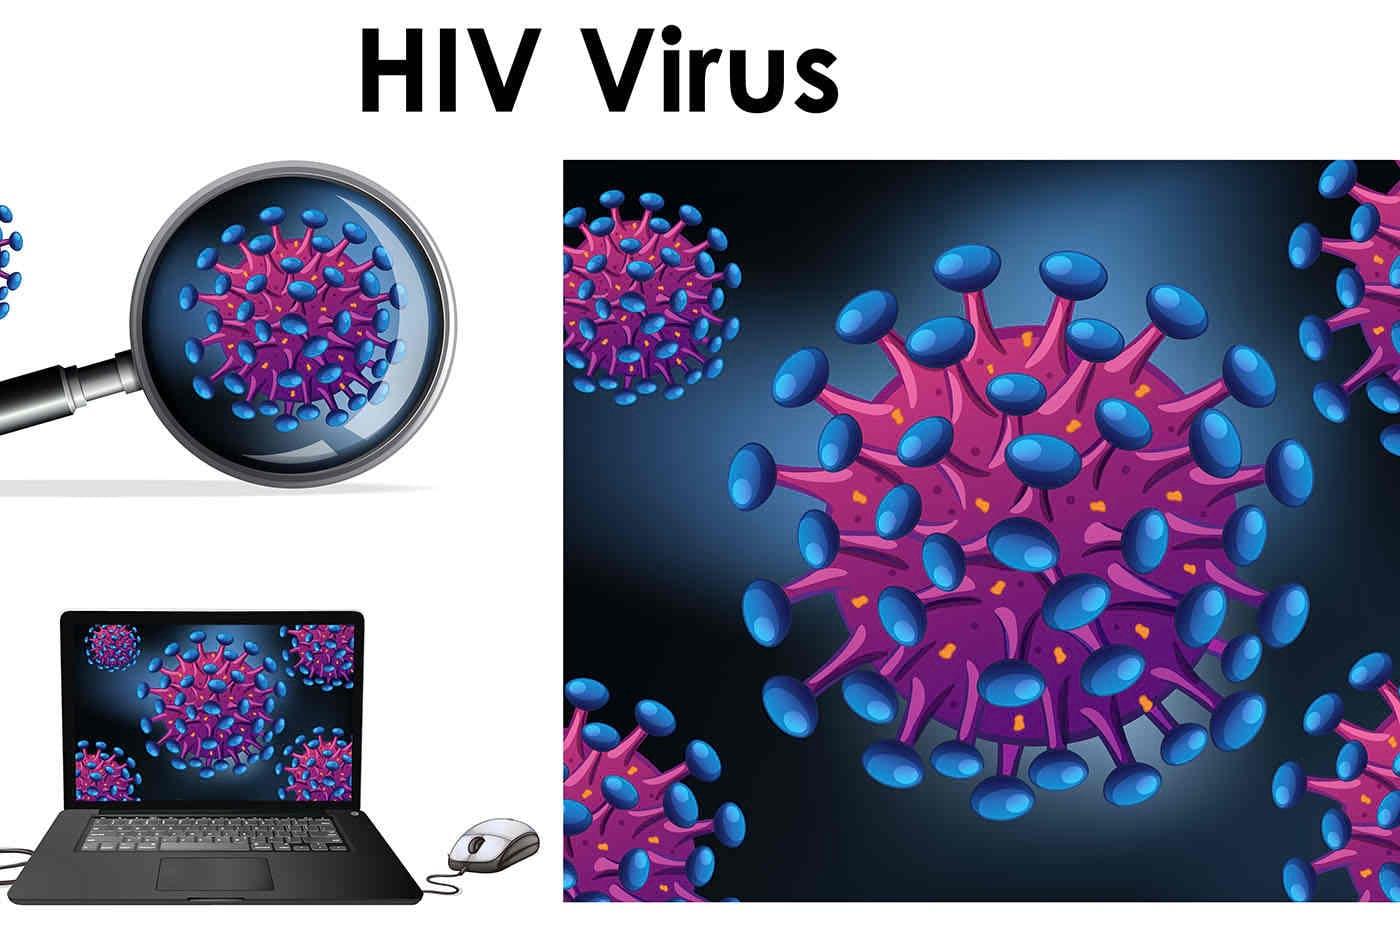 O singură pastilă de anticorpi ar putea elimina virusul HIV la nou-născuți [studiu]